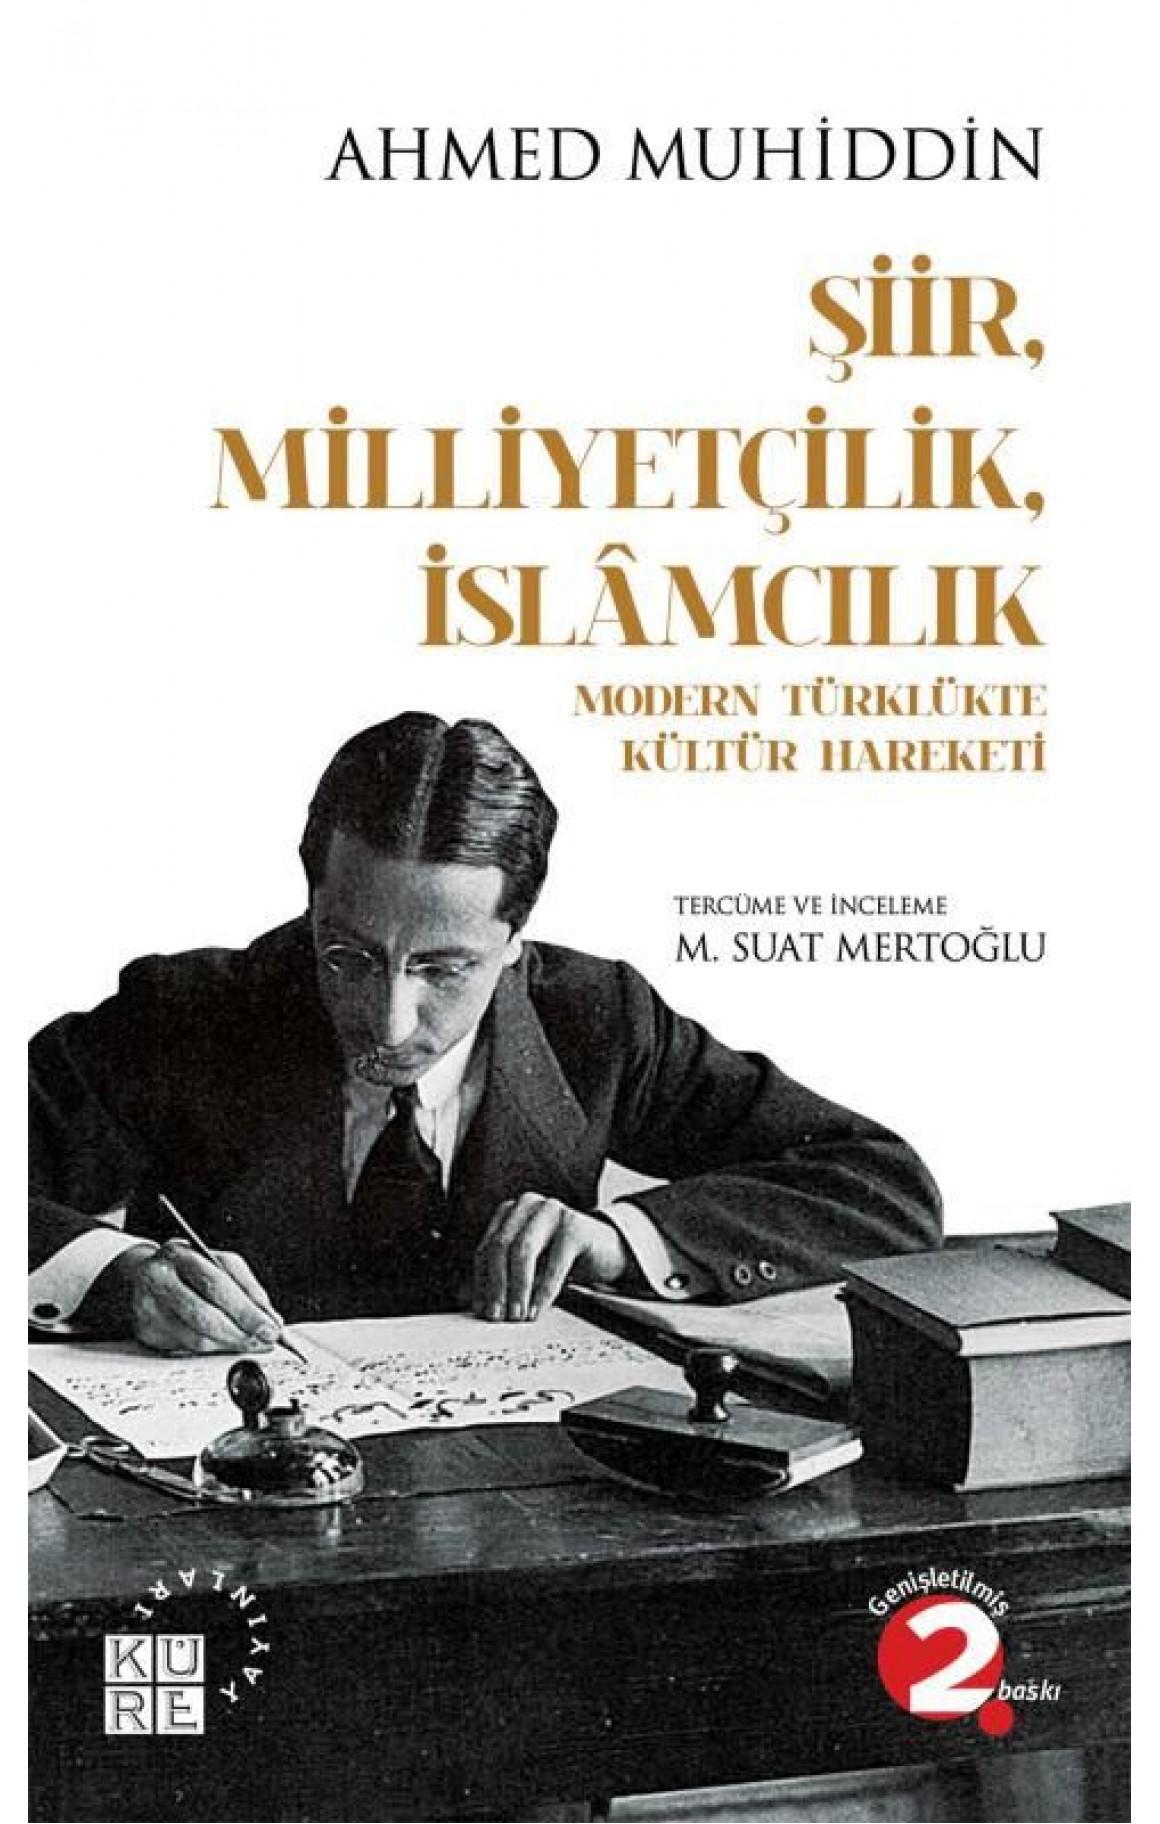 Şiir Milliyetçilk İslamcılık-Modern Türklükte Kültür Hareketi